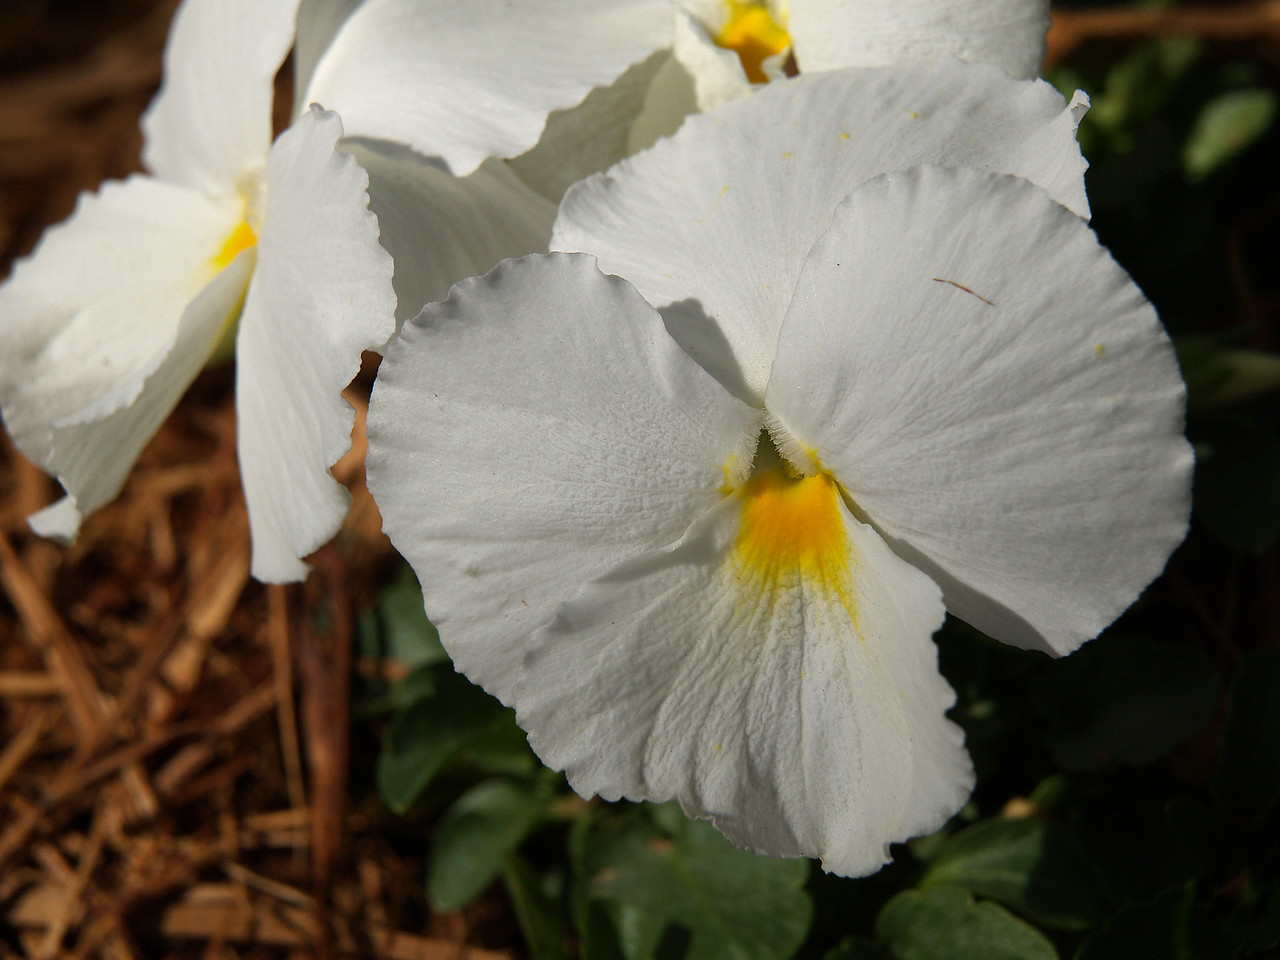 Dallas Arboretum, March 10, 2007